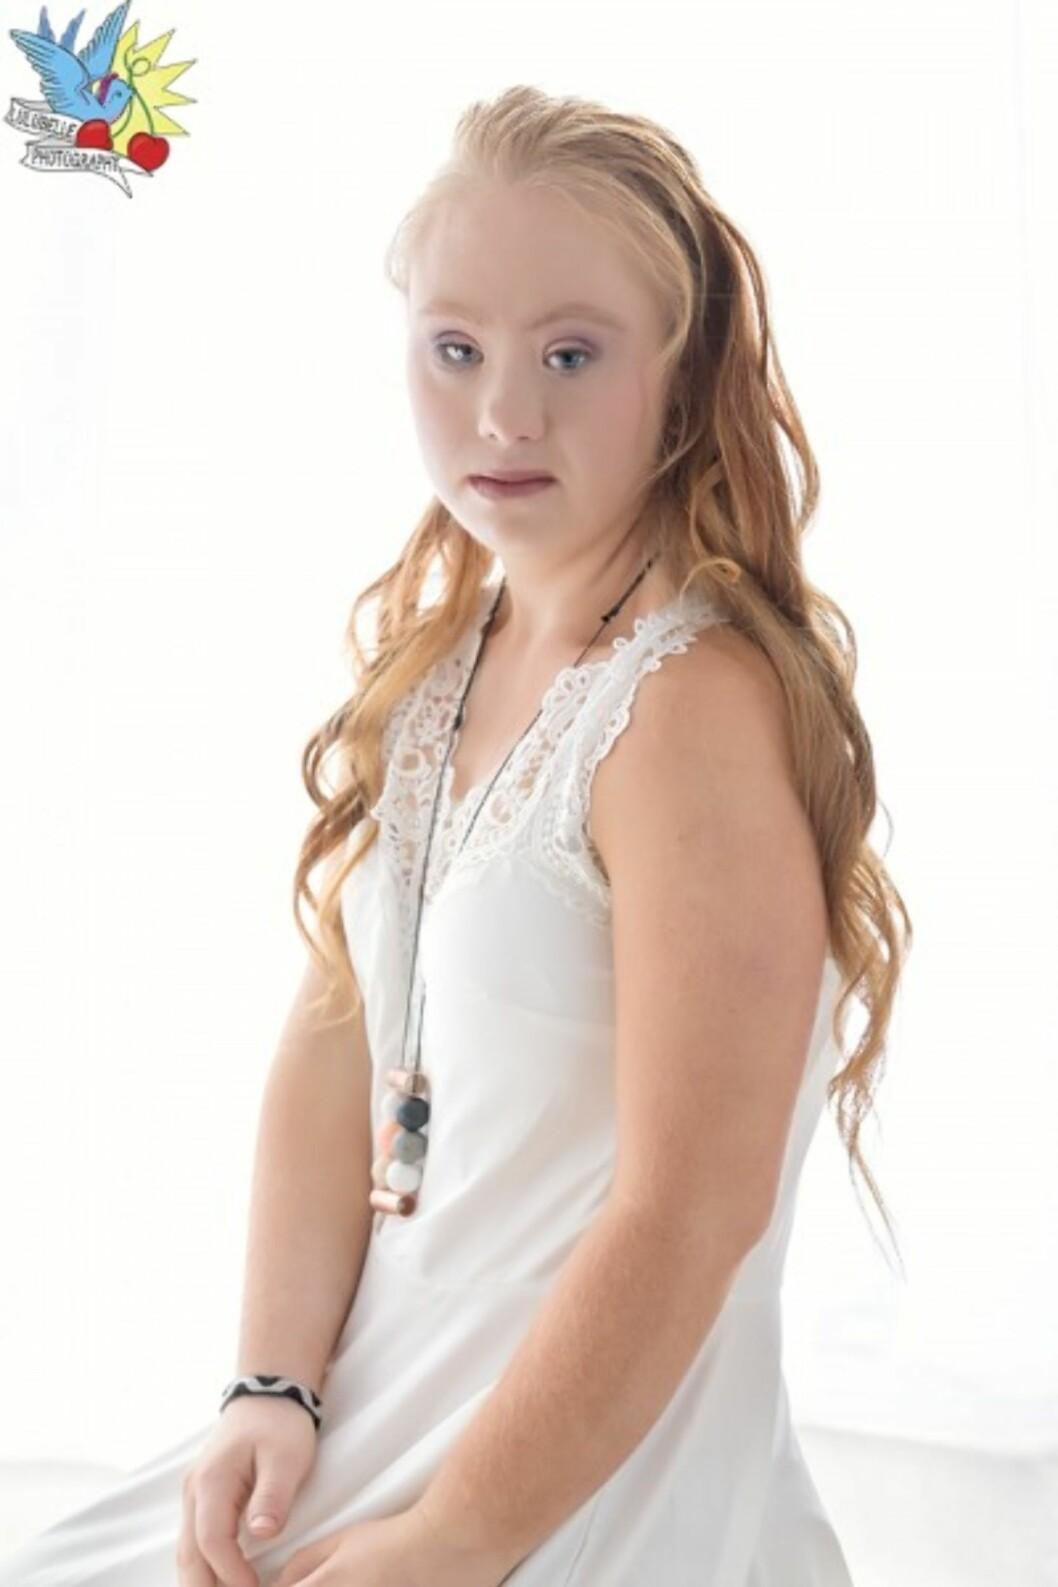 MODELLDRØMMEN: Madeline Stuart (18) bestemte seg for å bli modell etter å ha sett en motevisning. Foto: Lulubelle Photography